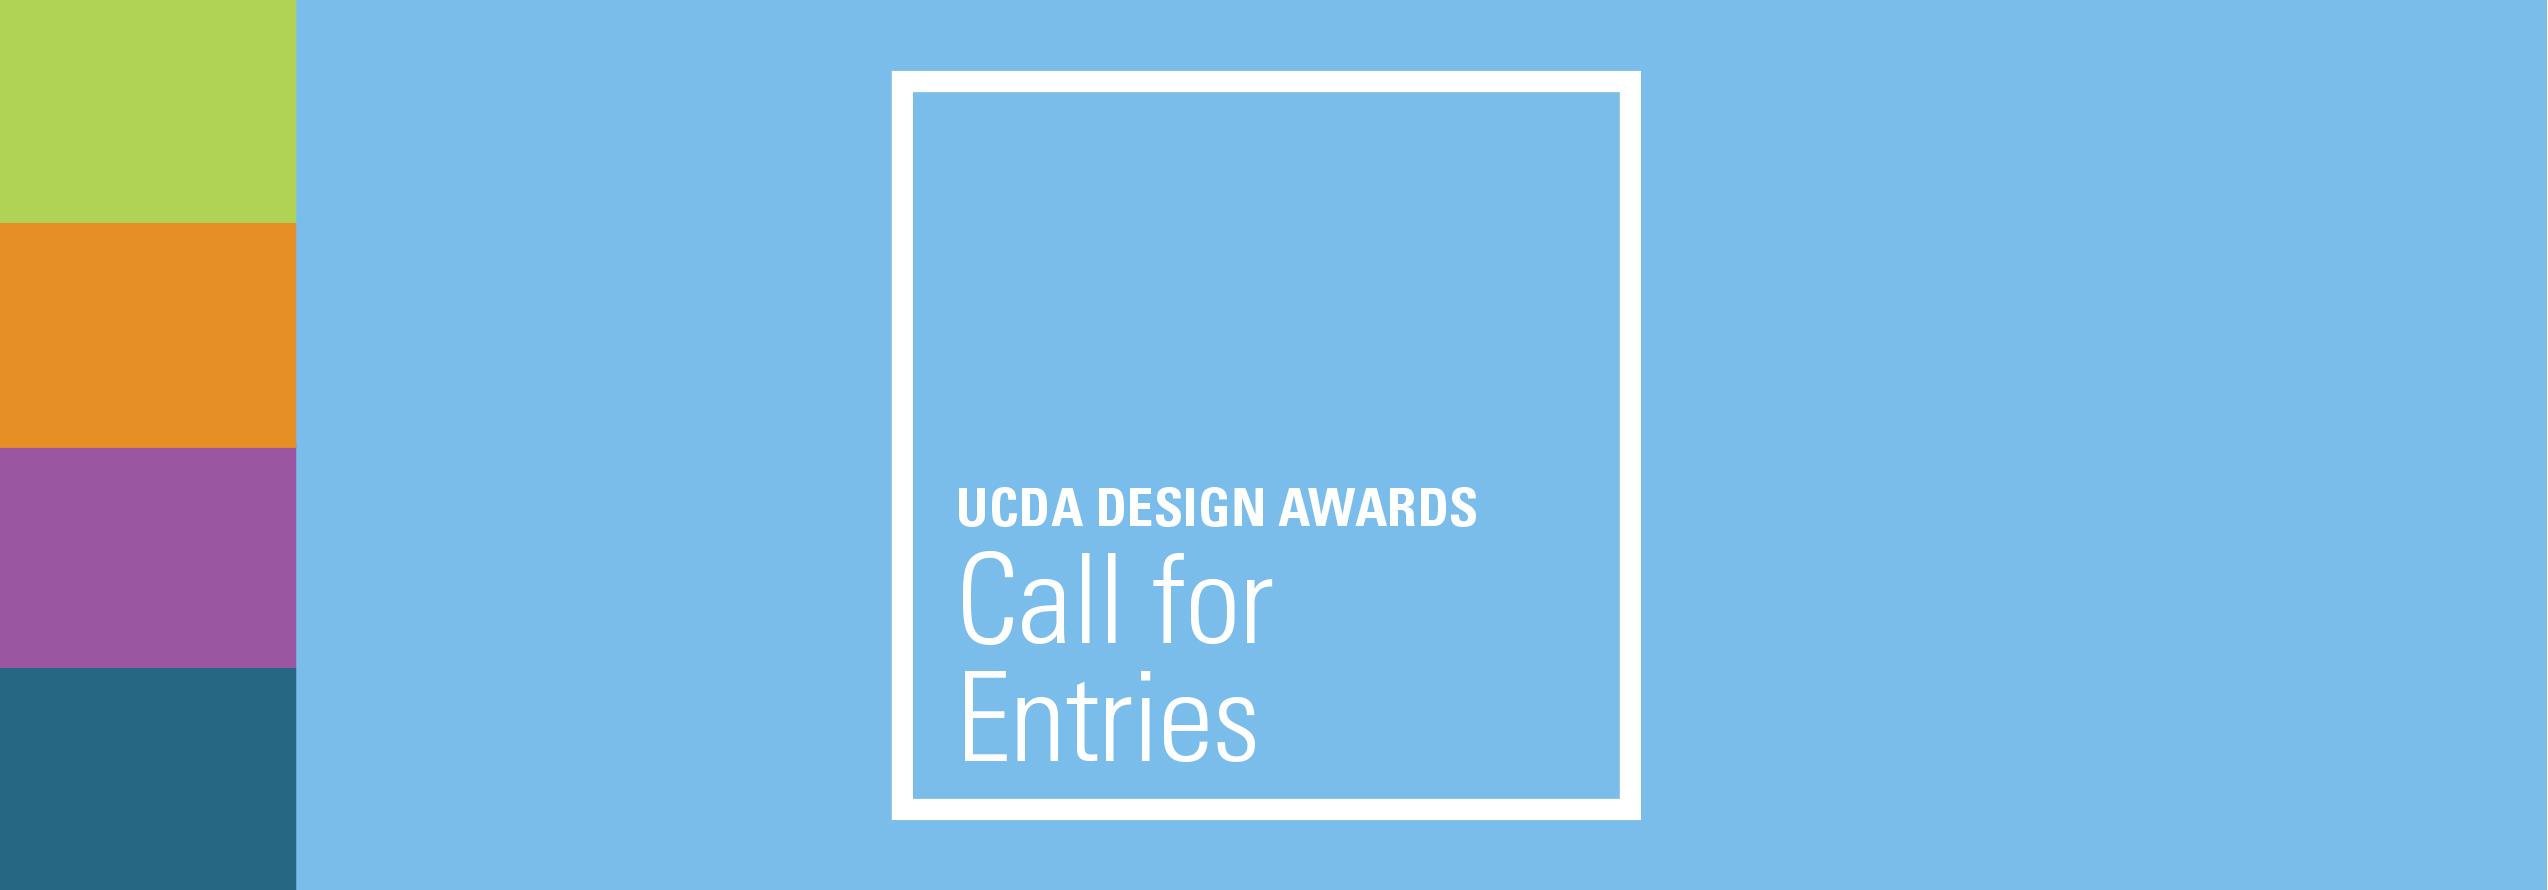 فراخوان رقابت بین المللی جوایز طراحی UCDA 2021